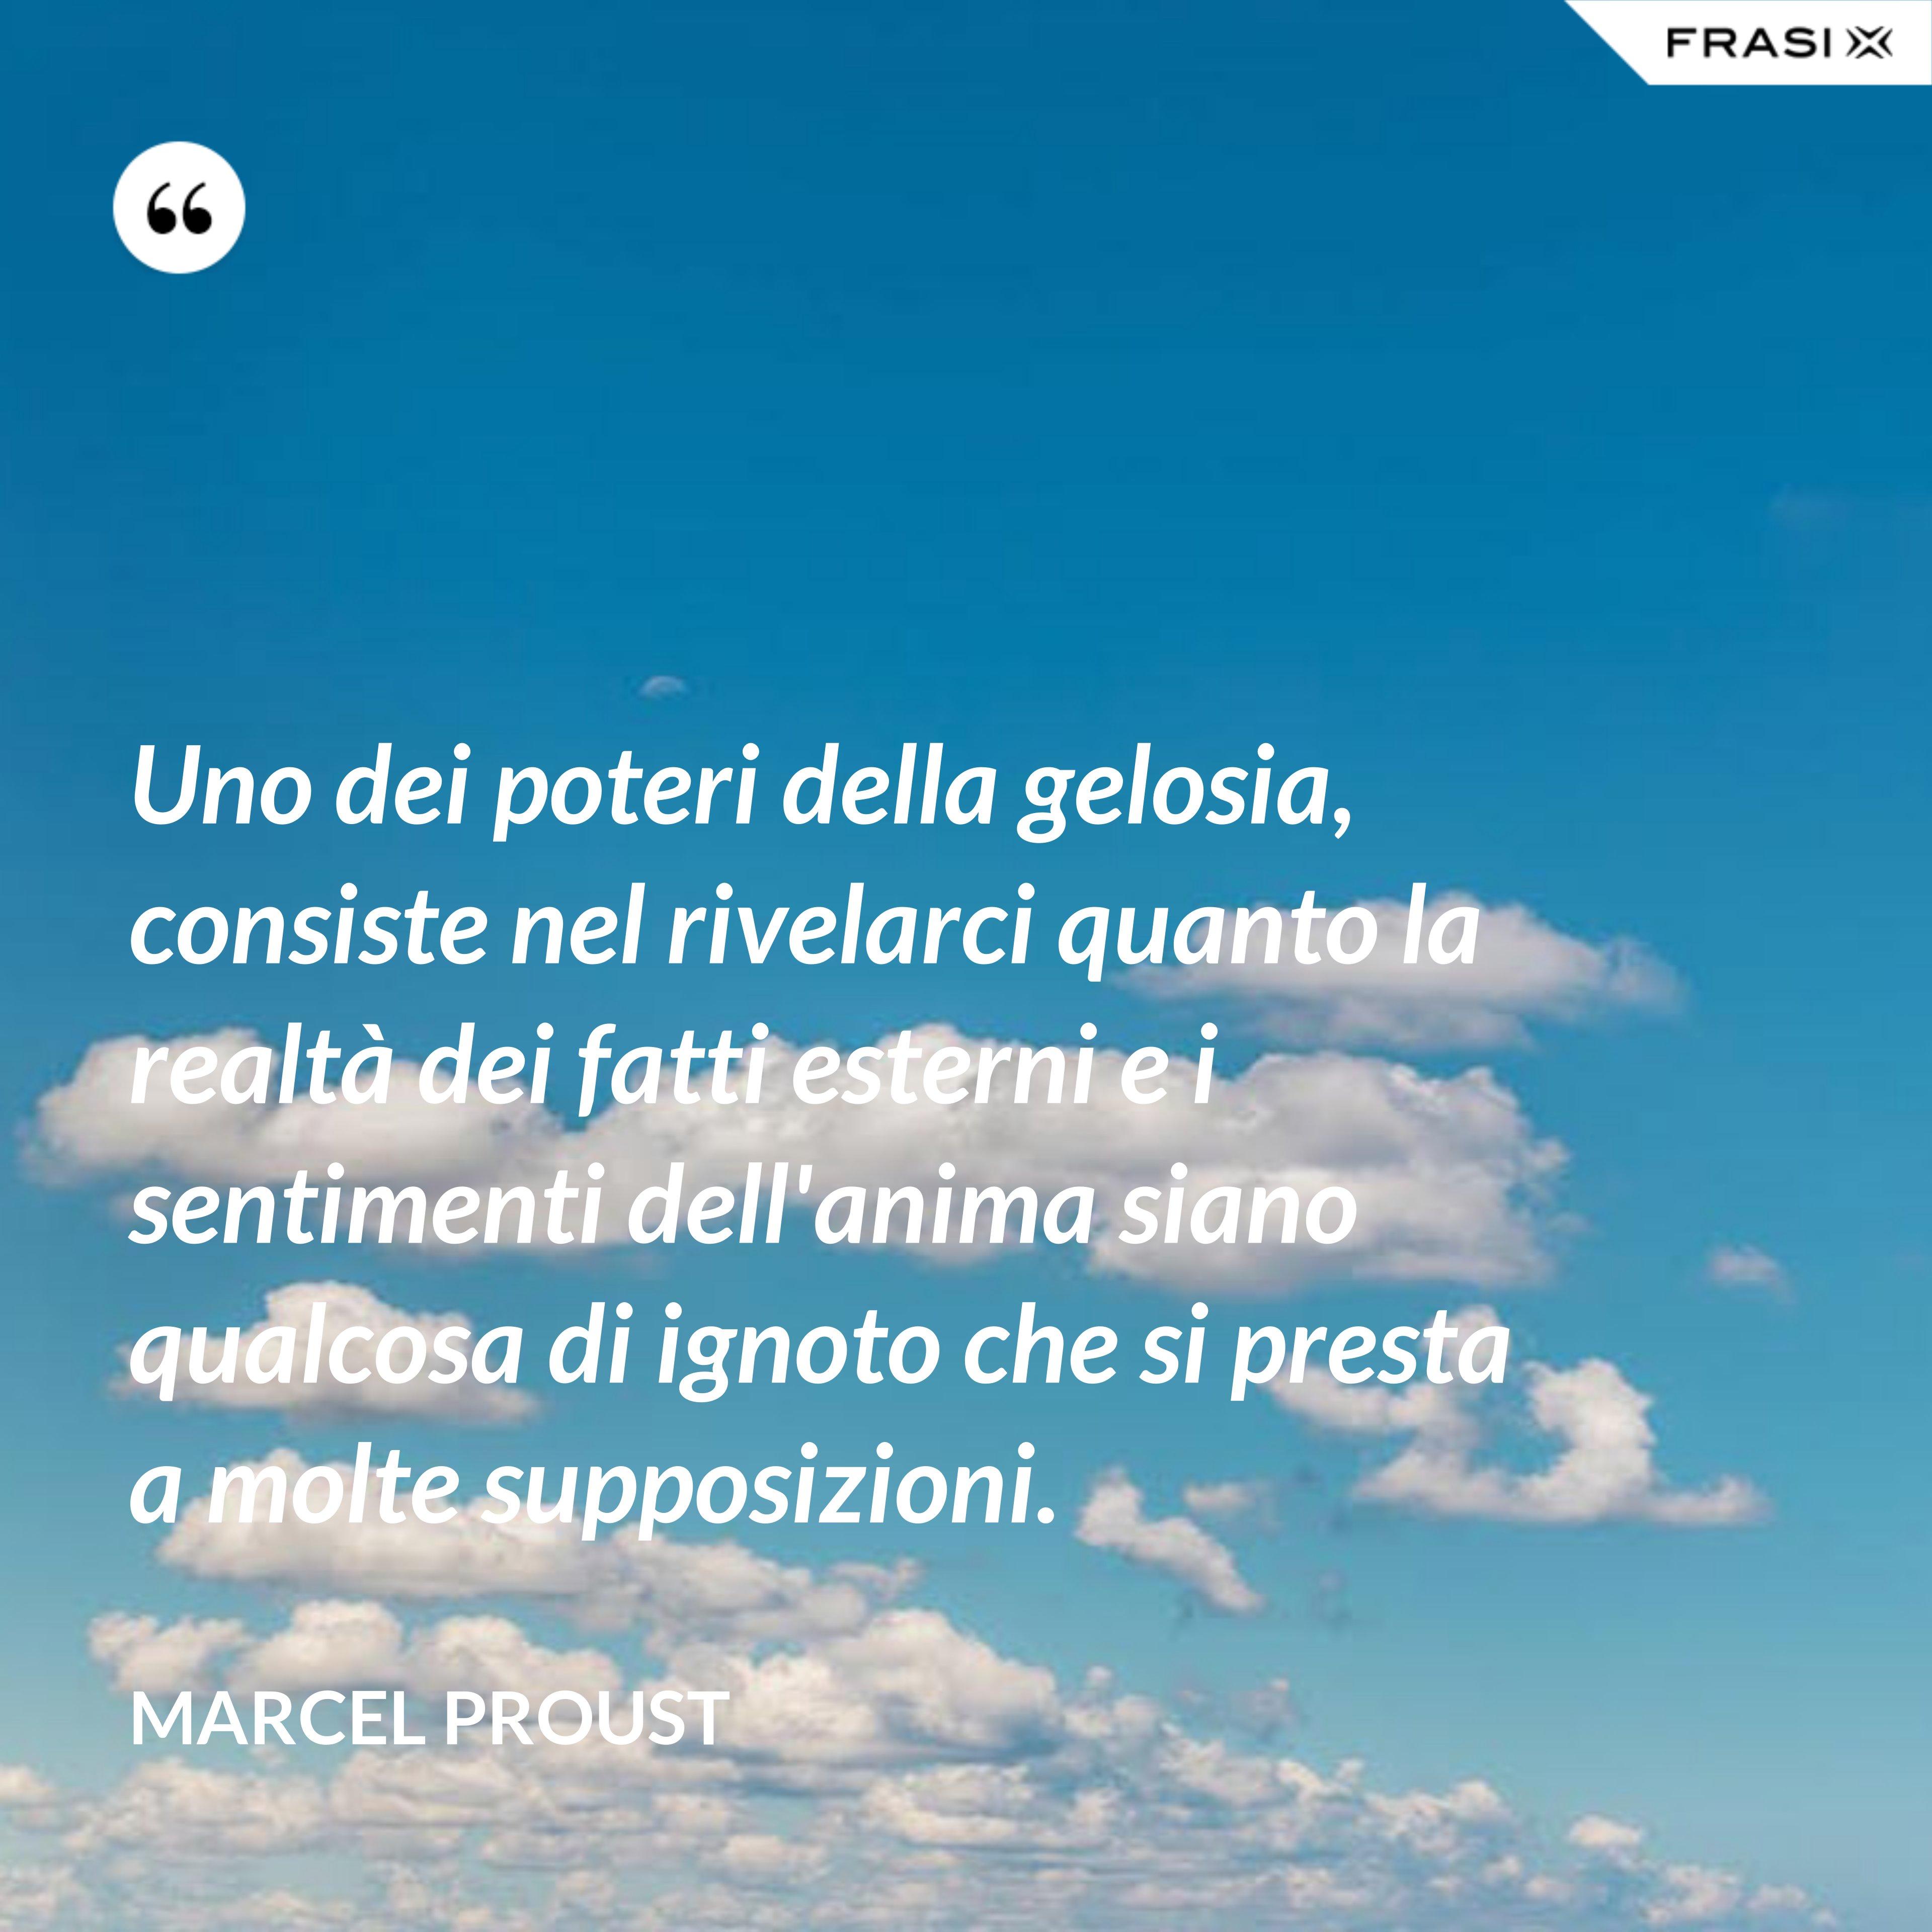 Uno dei poteri della gelosia, consiste nel rivelarci quanto la realtà dei fatti esterni e i sentimenti dell'anima siano qualcosa di ignoto che si presta a molte supposizioni. - Marcel Proust